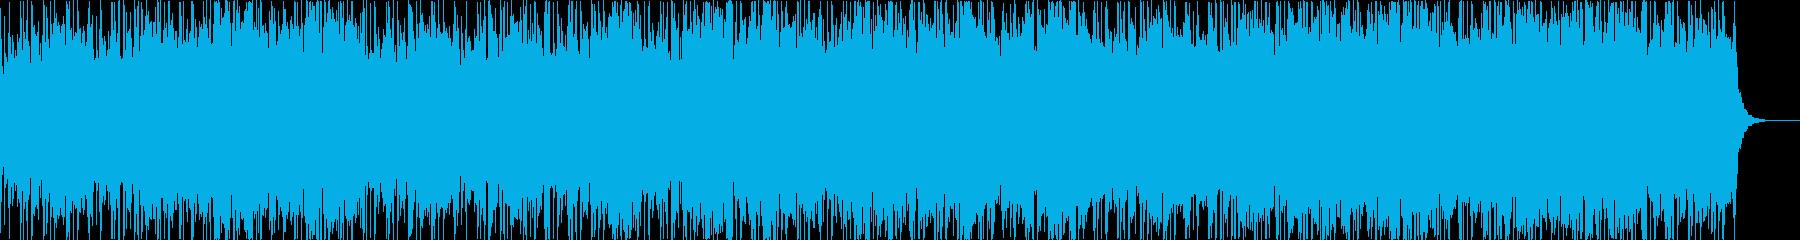 民族的なクワイアの怪しい曲の再生済みの波形